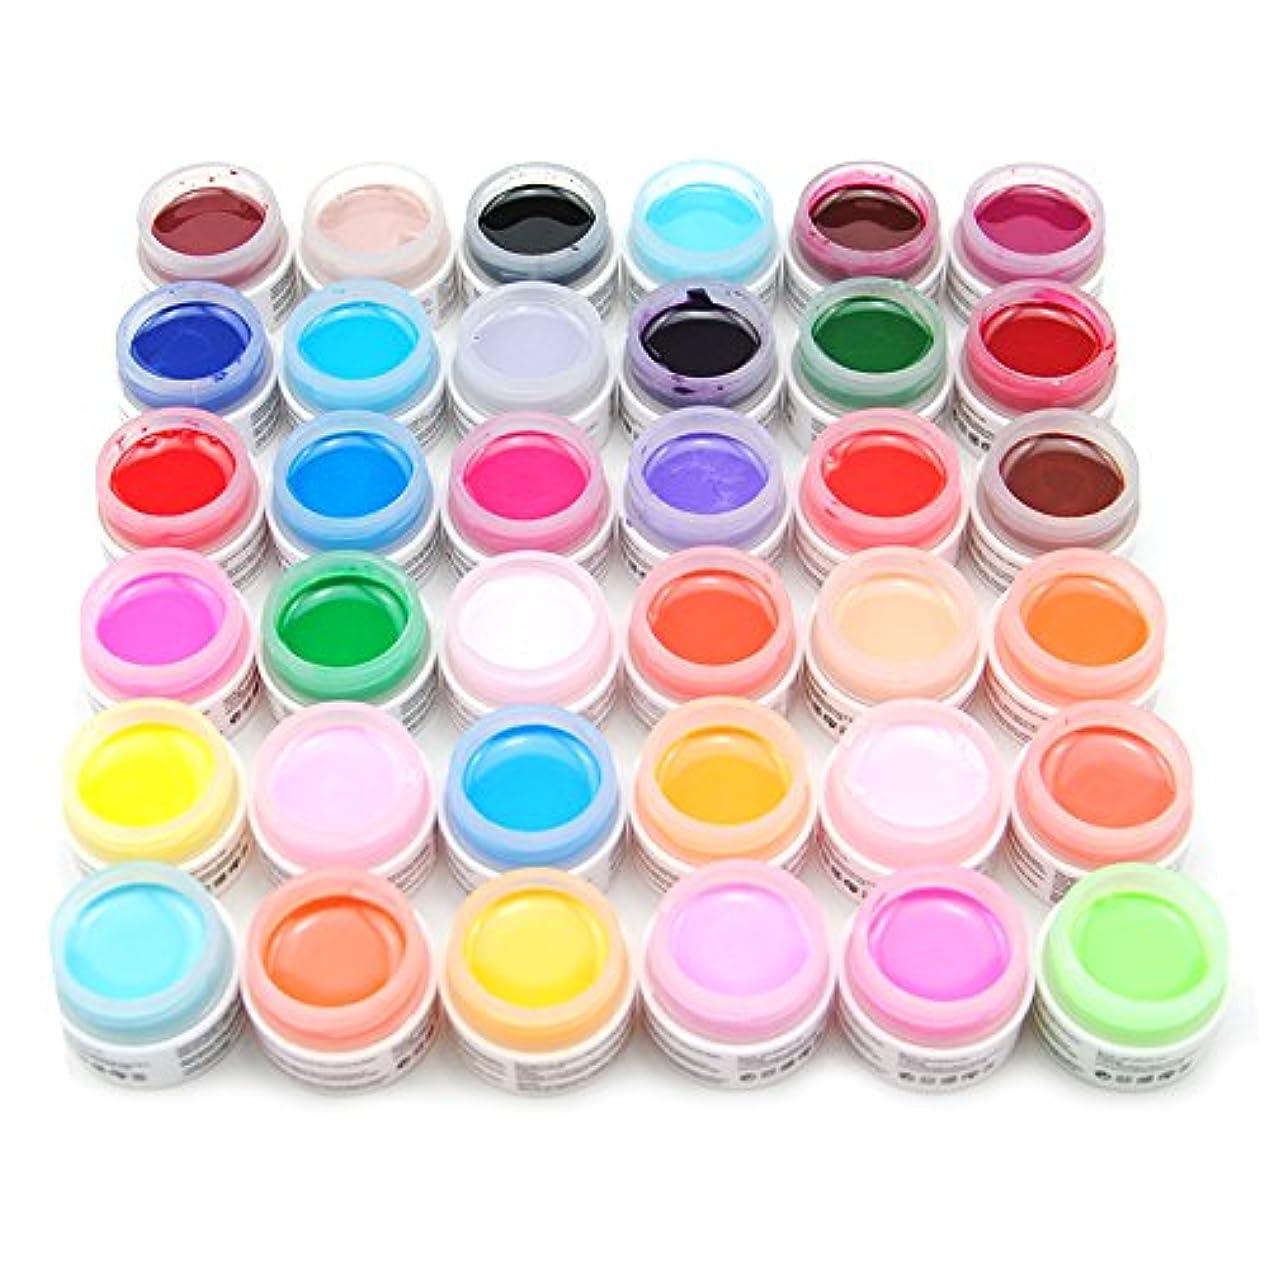 シャベルヤング誘うユニークモール(UniqueMall)ジェルネイルのセット 36色 純粋ネイルネイルカラーUVジェルレジン ネイルアート ネイルサロン 色々カラーネイルデコ人気セット